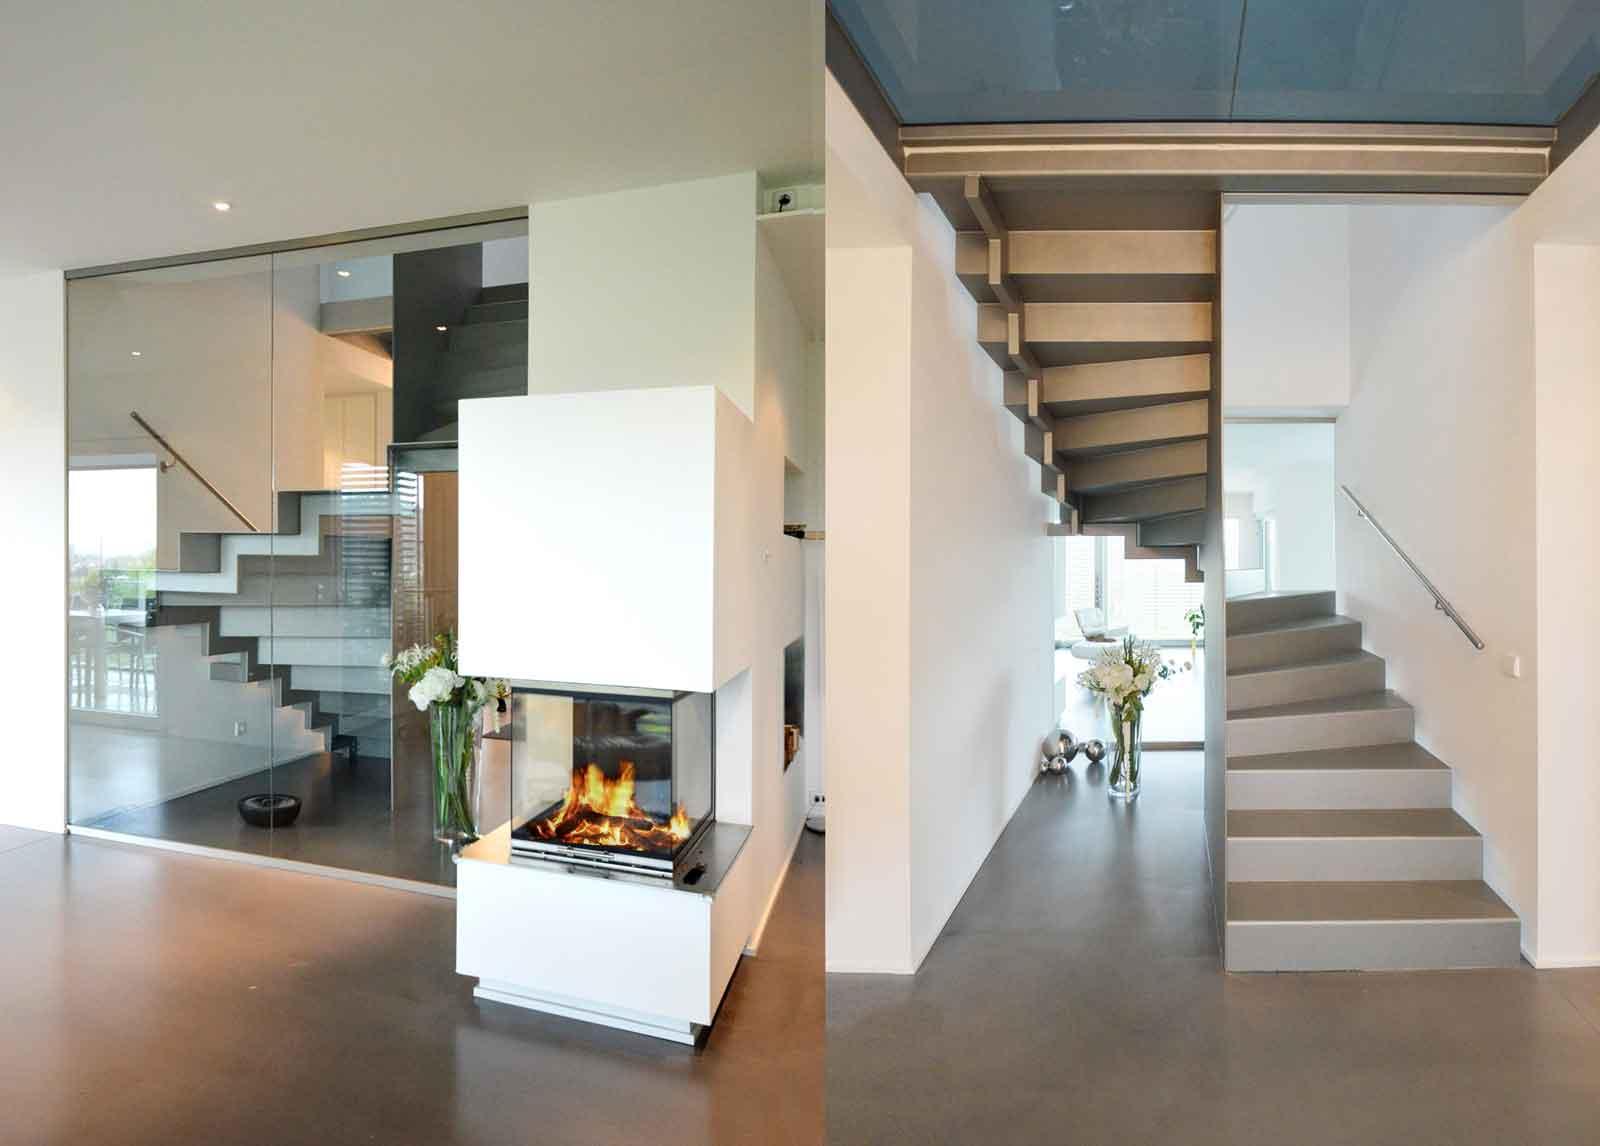 Einfamilienhaus Mit Garage In Lörrach Hauingen Nahe Schweiz